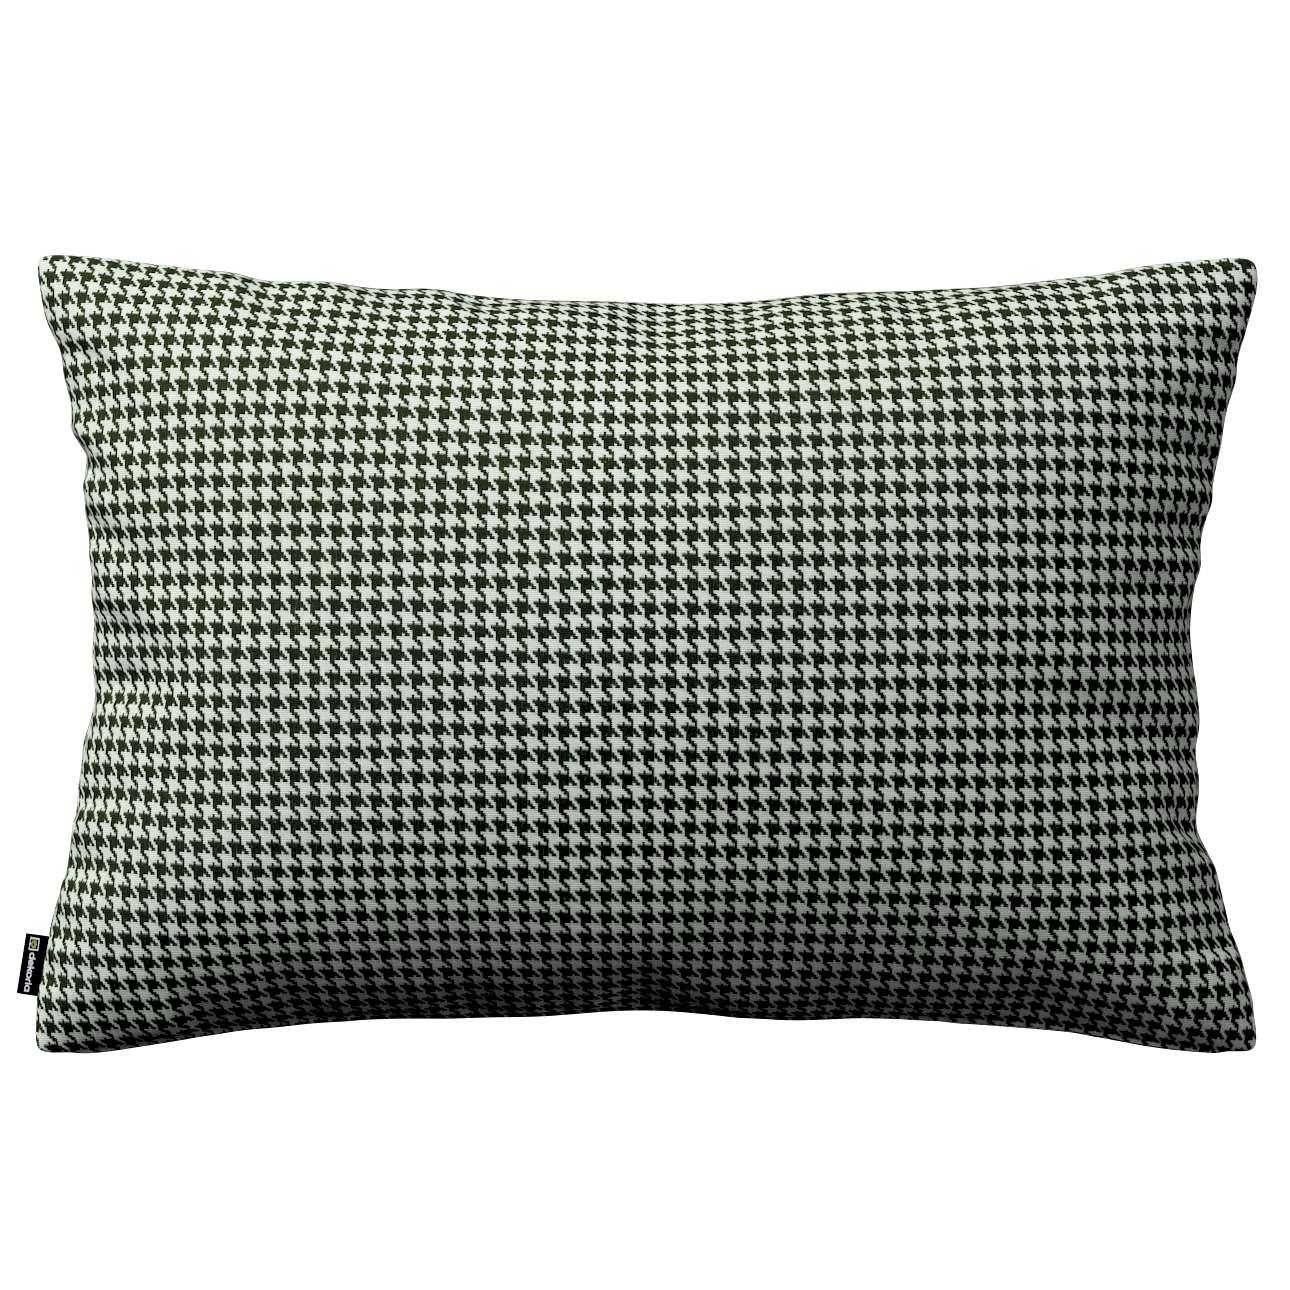 Poszewka Kinga na poduszkę prostokątną w kolekcji Black & White, tkanina: 142-77